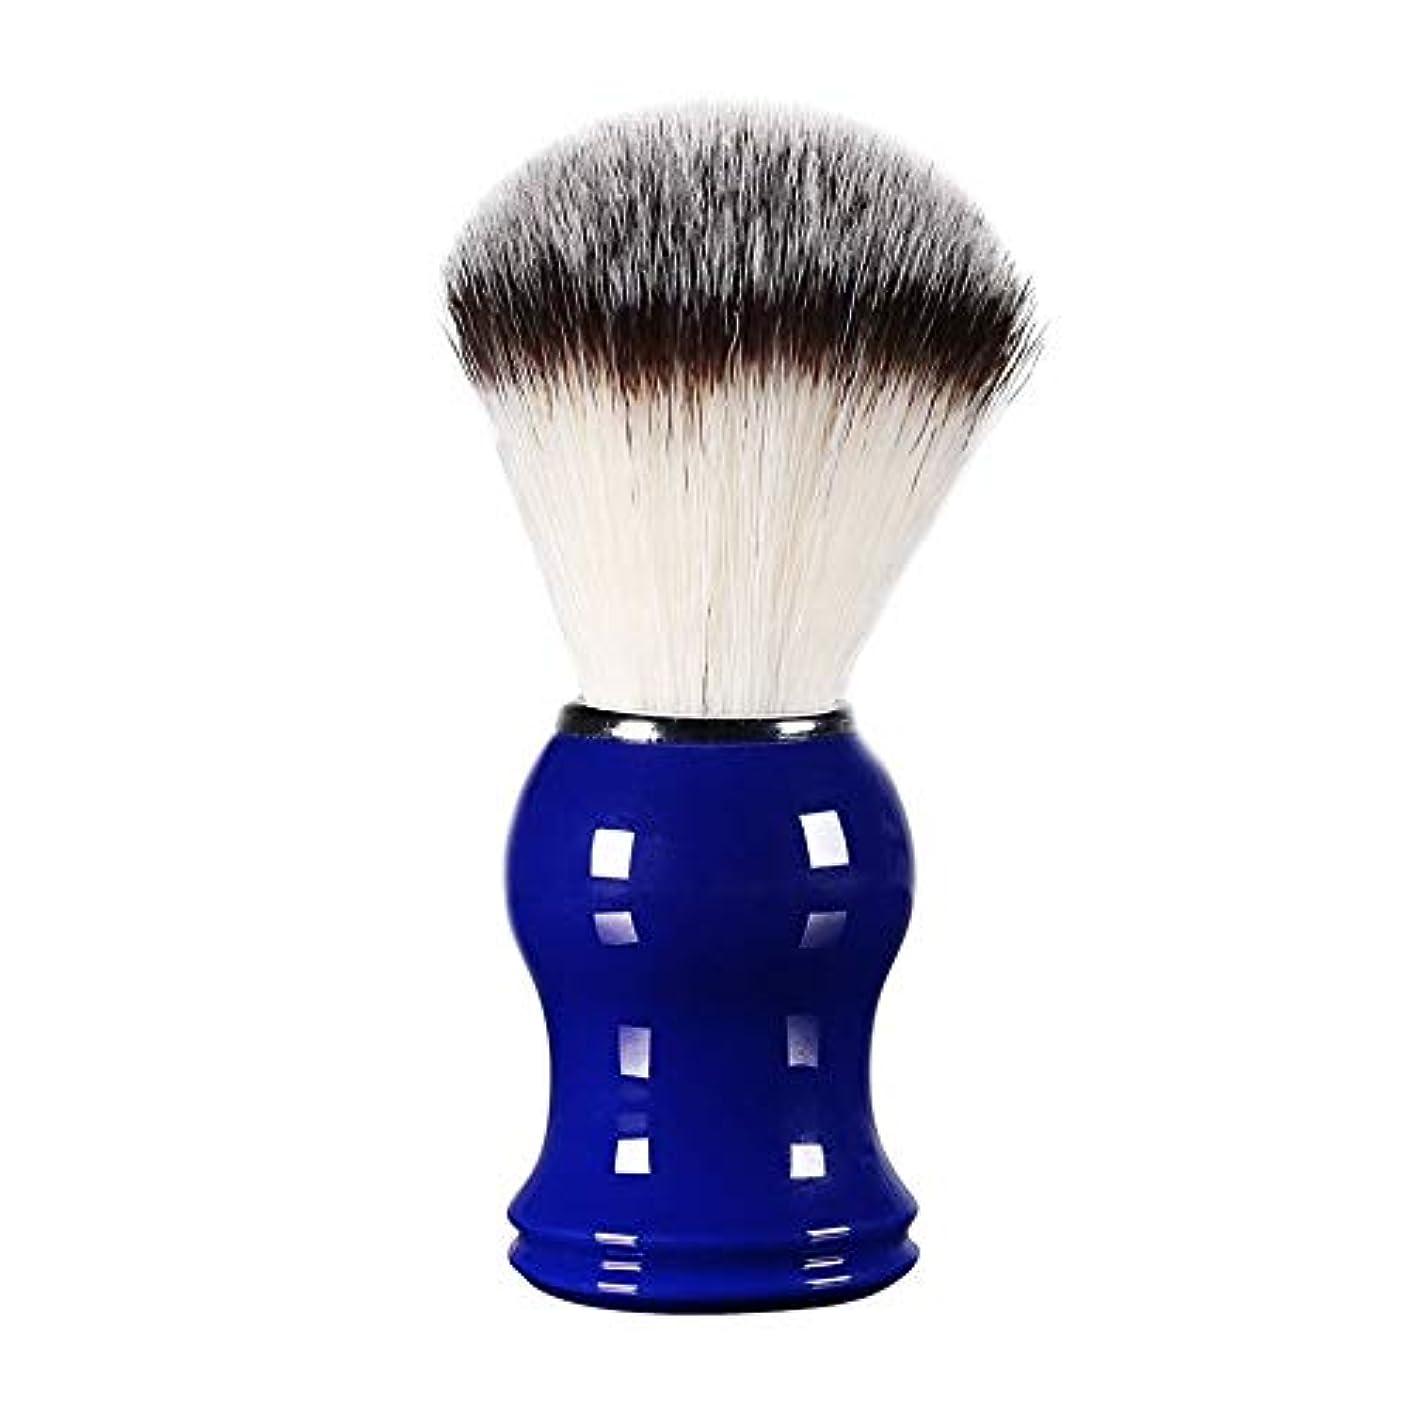 侵入同種の賢明なOddalsail メンズ シェービングブラシ 理髪 男性用 顔髭 クリーニングブラシ 樹脂ハンドル付き ブルー